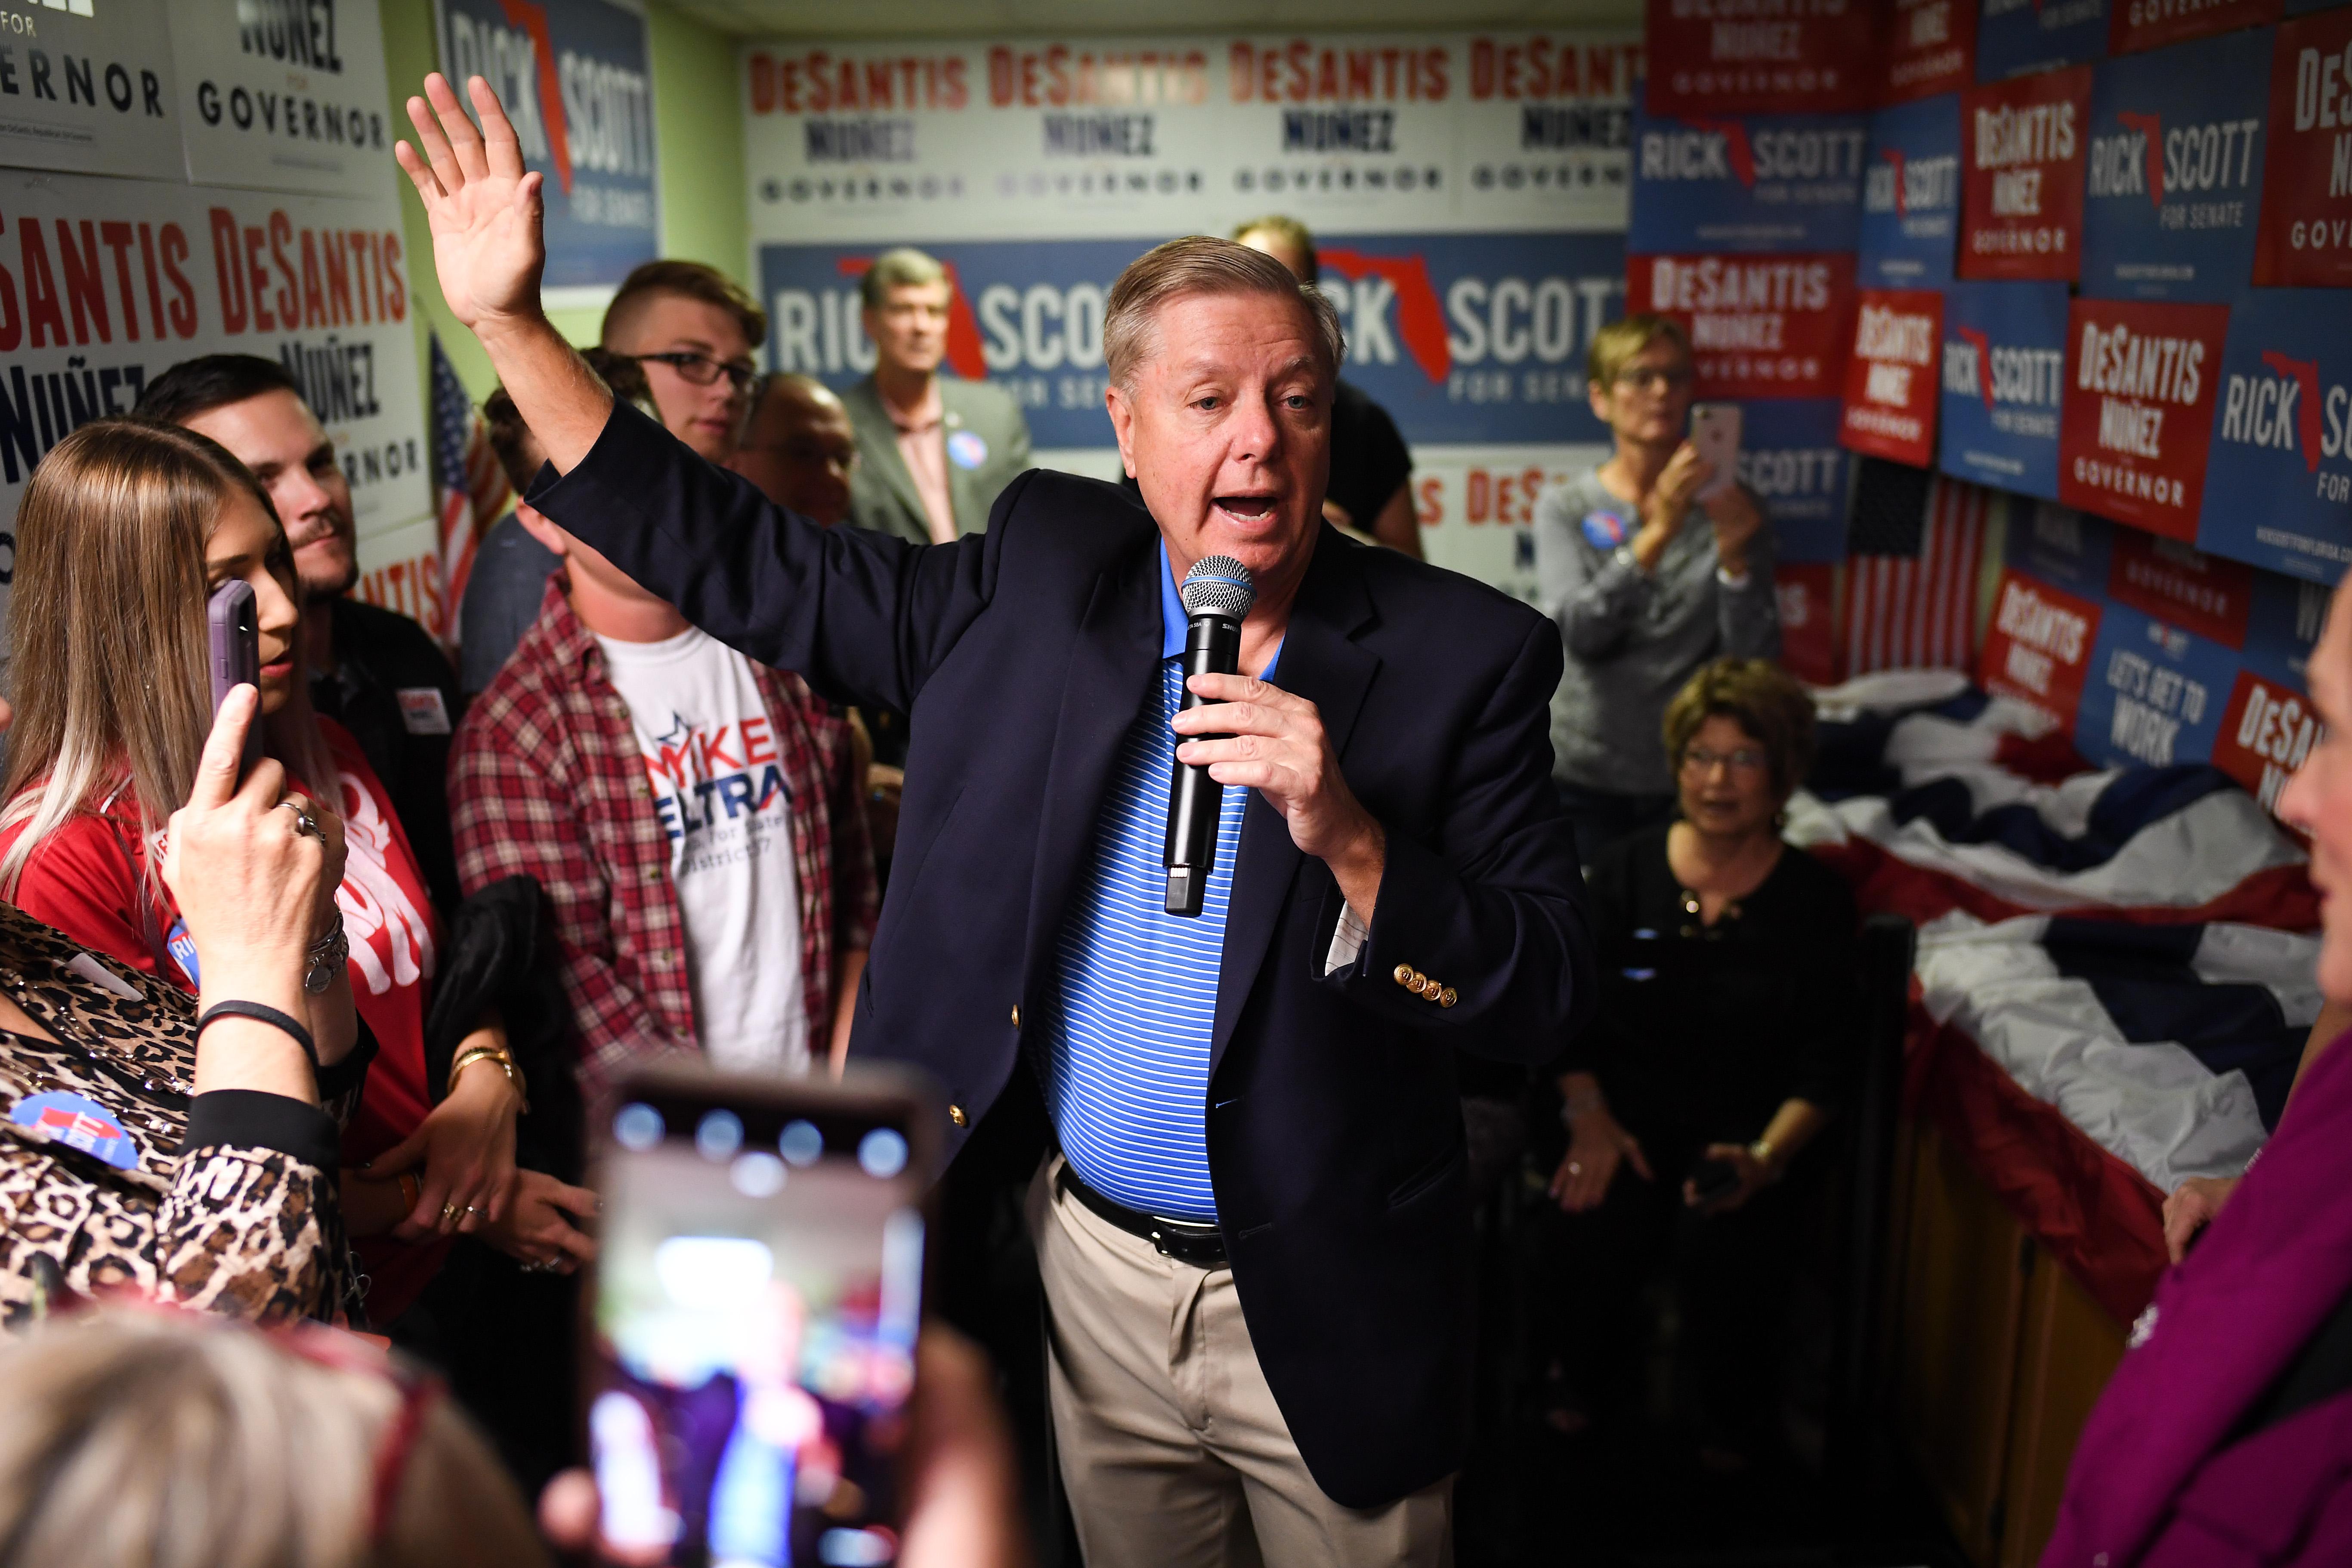 美國中期選舉結果已見分曉,特朗普總統與共和黨成功保住參議院多數席位。民主黨掌控眾議院。參議院資深議員格雷厄姆(Lindsey Graham)讚揚特朗普對領導共和黨迎戰中期選舉的熱情。圖為格雷厄姆選前在佛州參加活動。(Jeff J Mitchell/Getty Images)